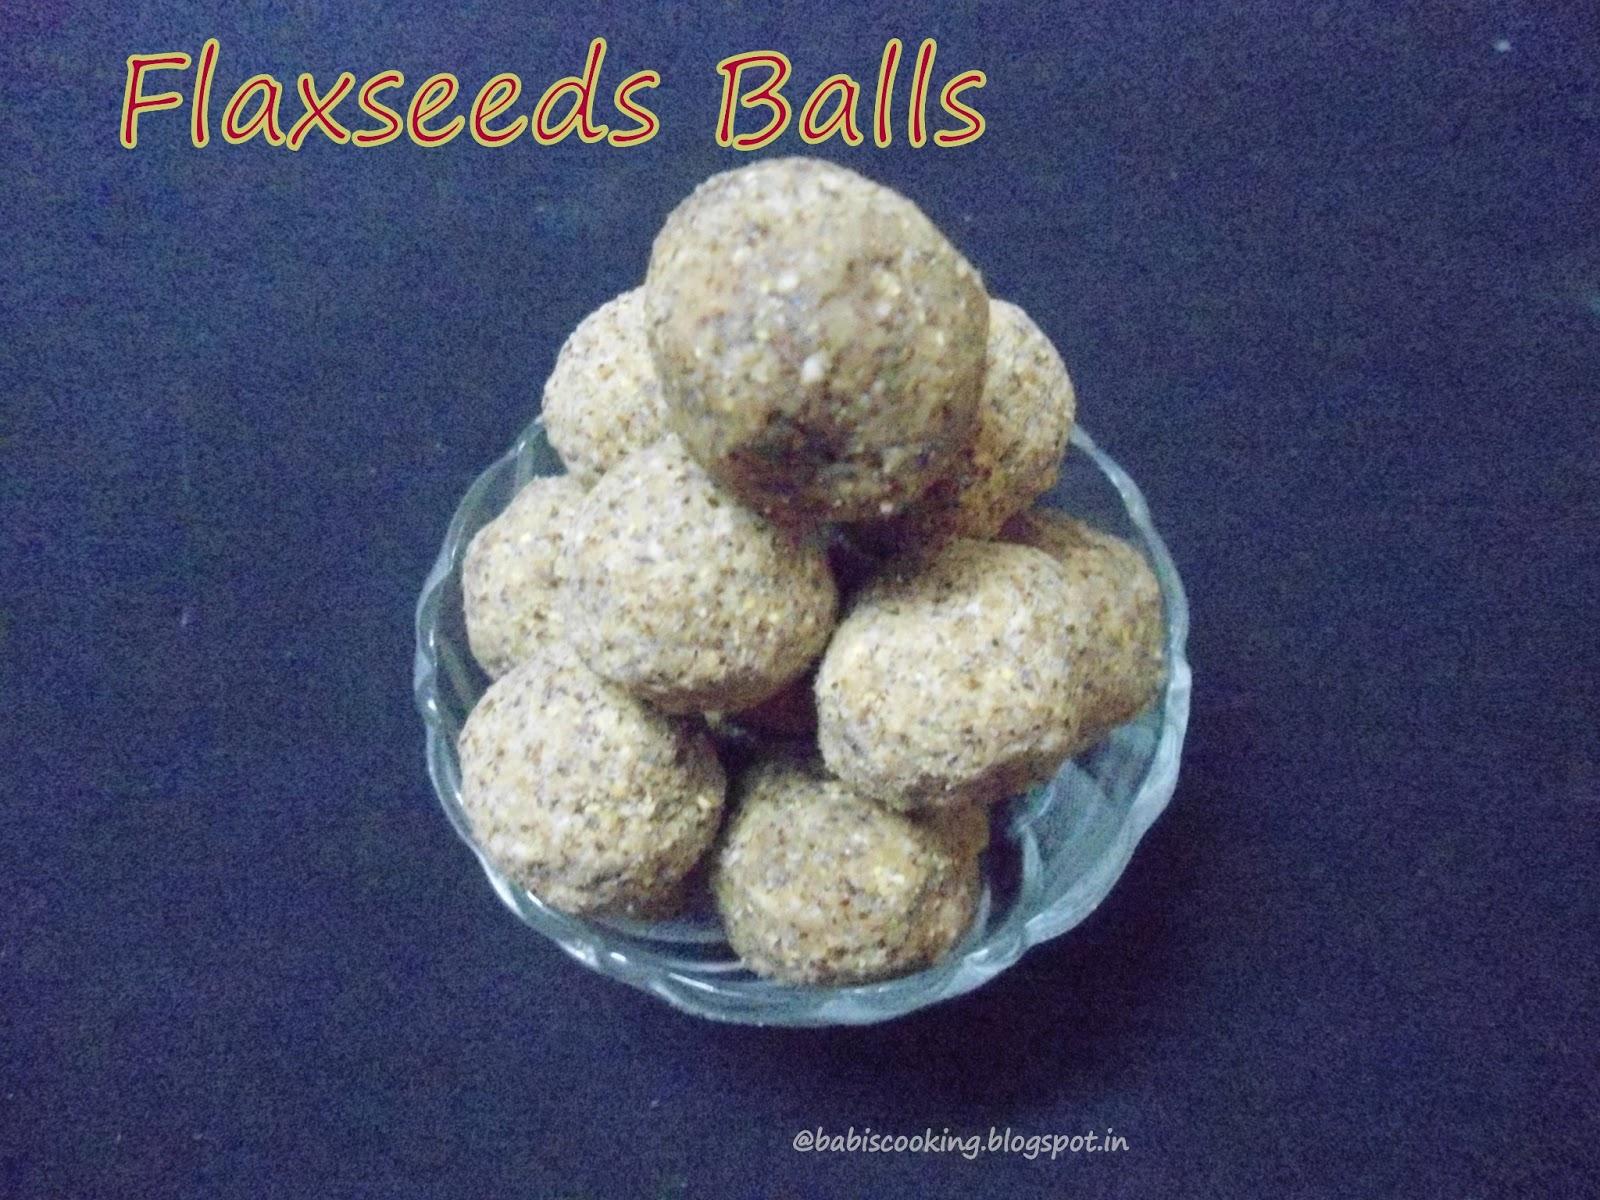 Flax seeds balls